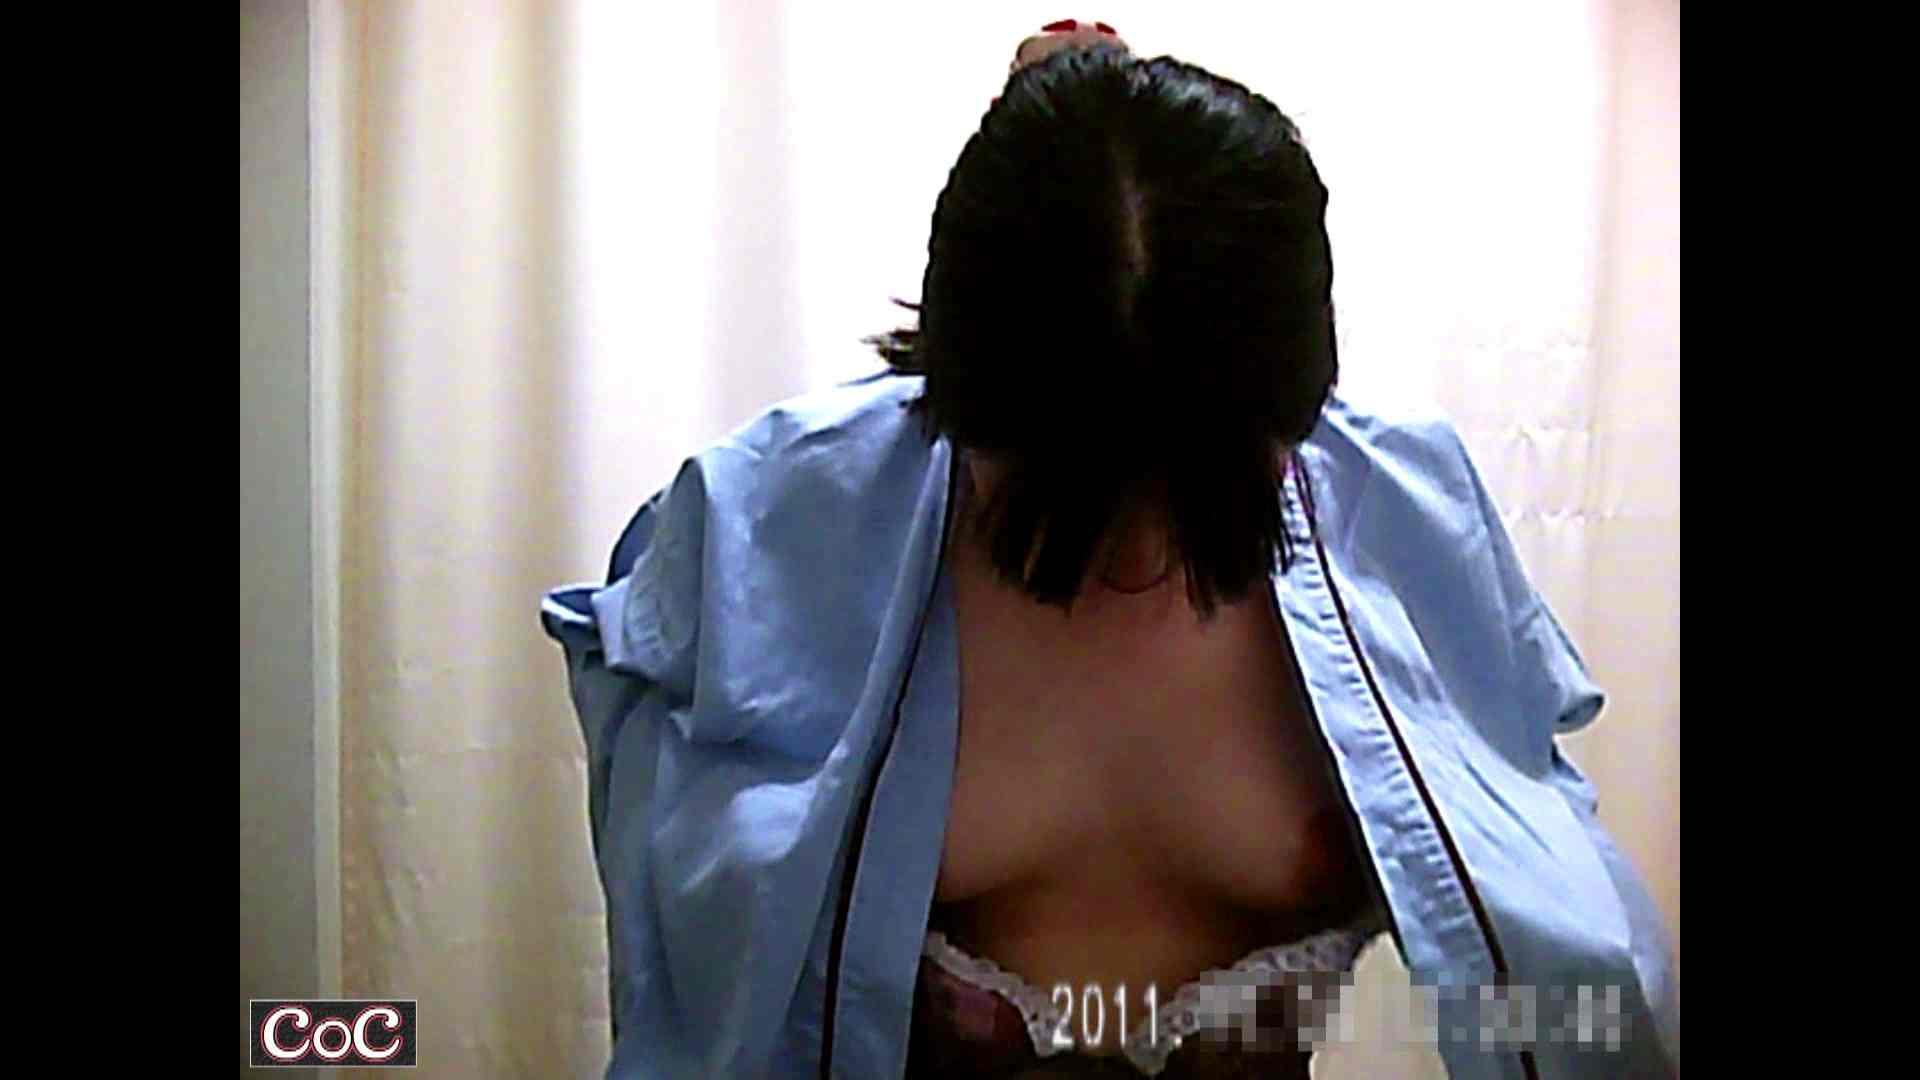 元医者による反抗 更衣室地獄絵巻 vol.215 OL  88pic 30